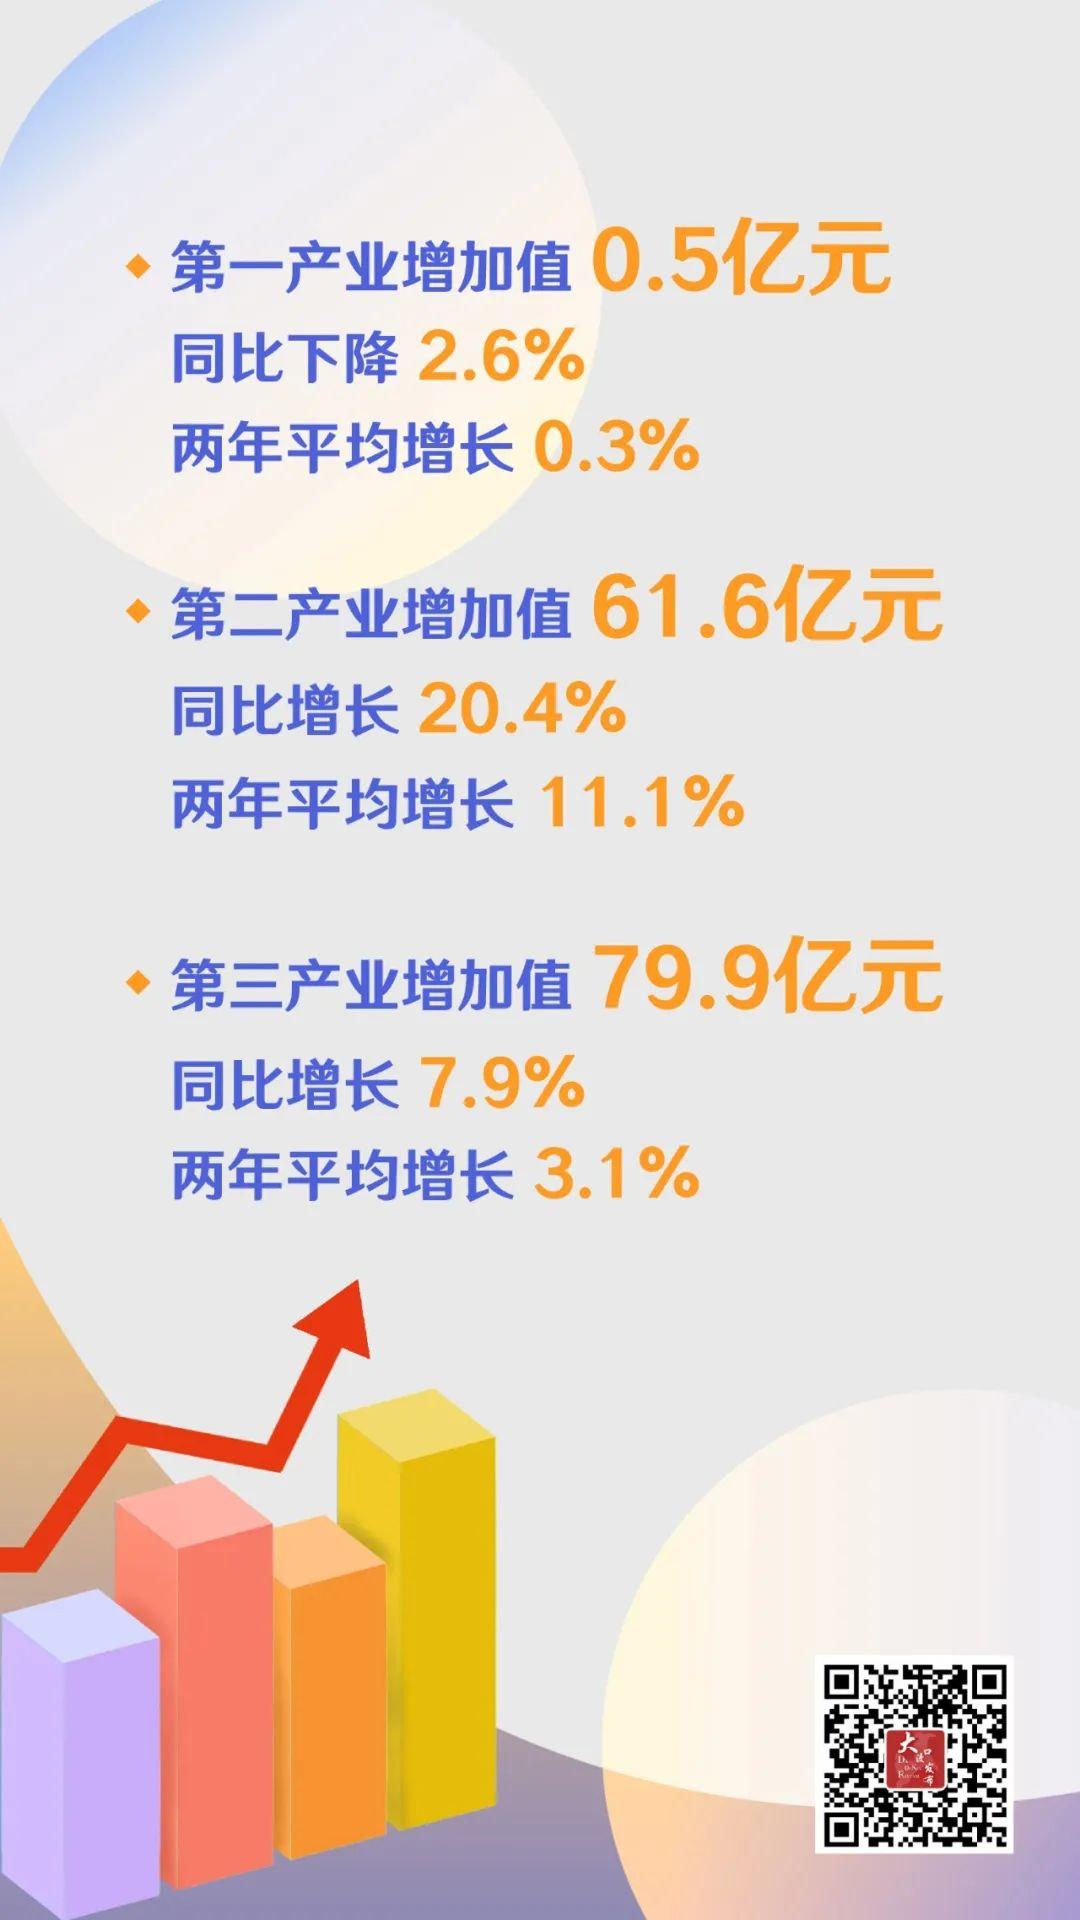 大渡口gdp_太意外!GDP领先120亿,双福K.O大渡口